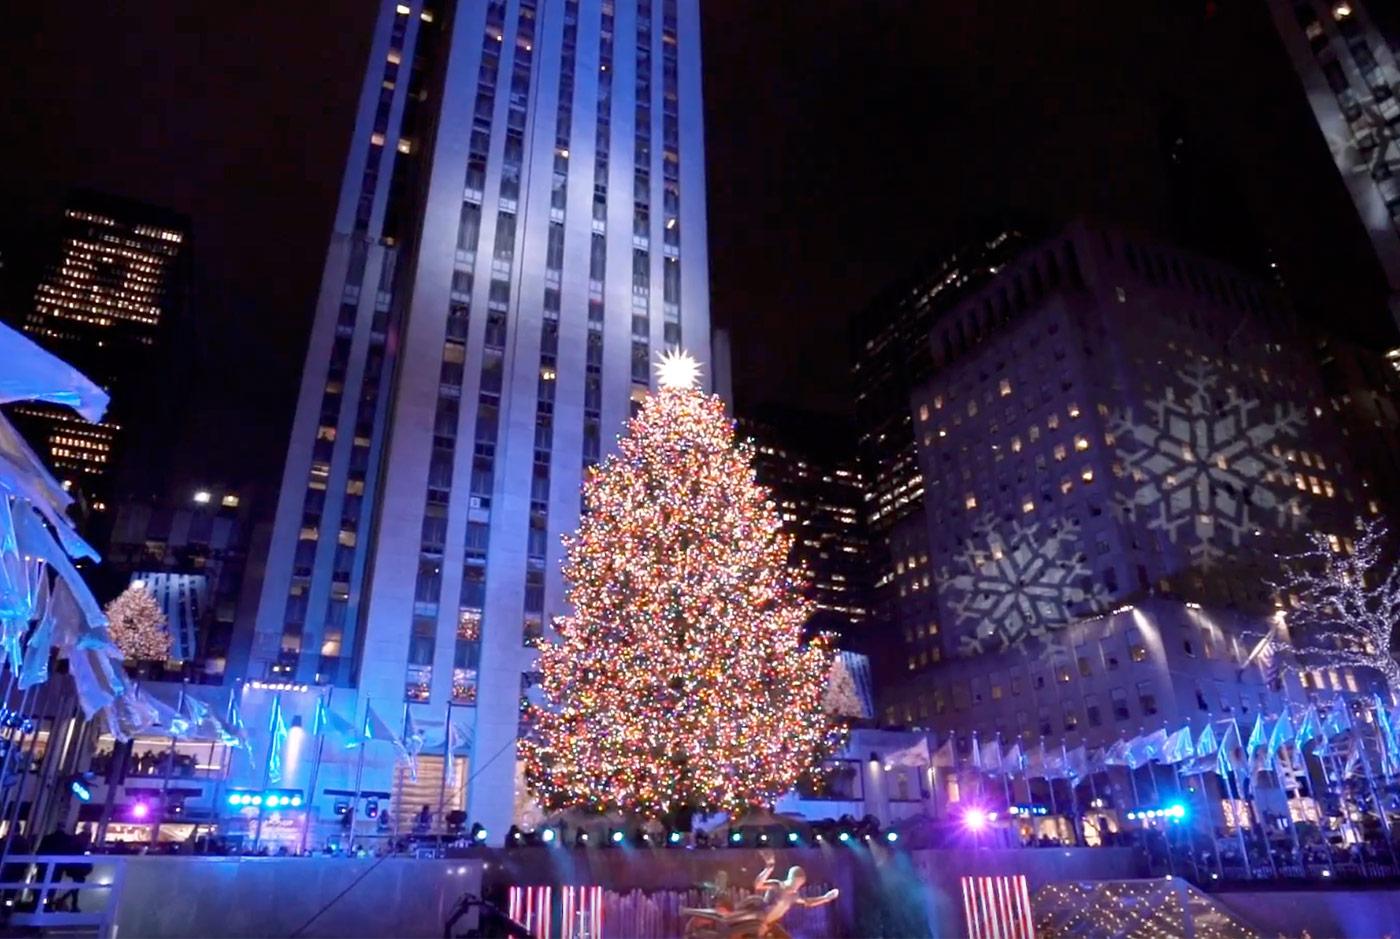 Il maestoso albero di Natale di New York